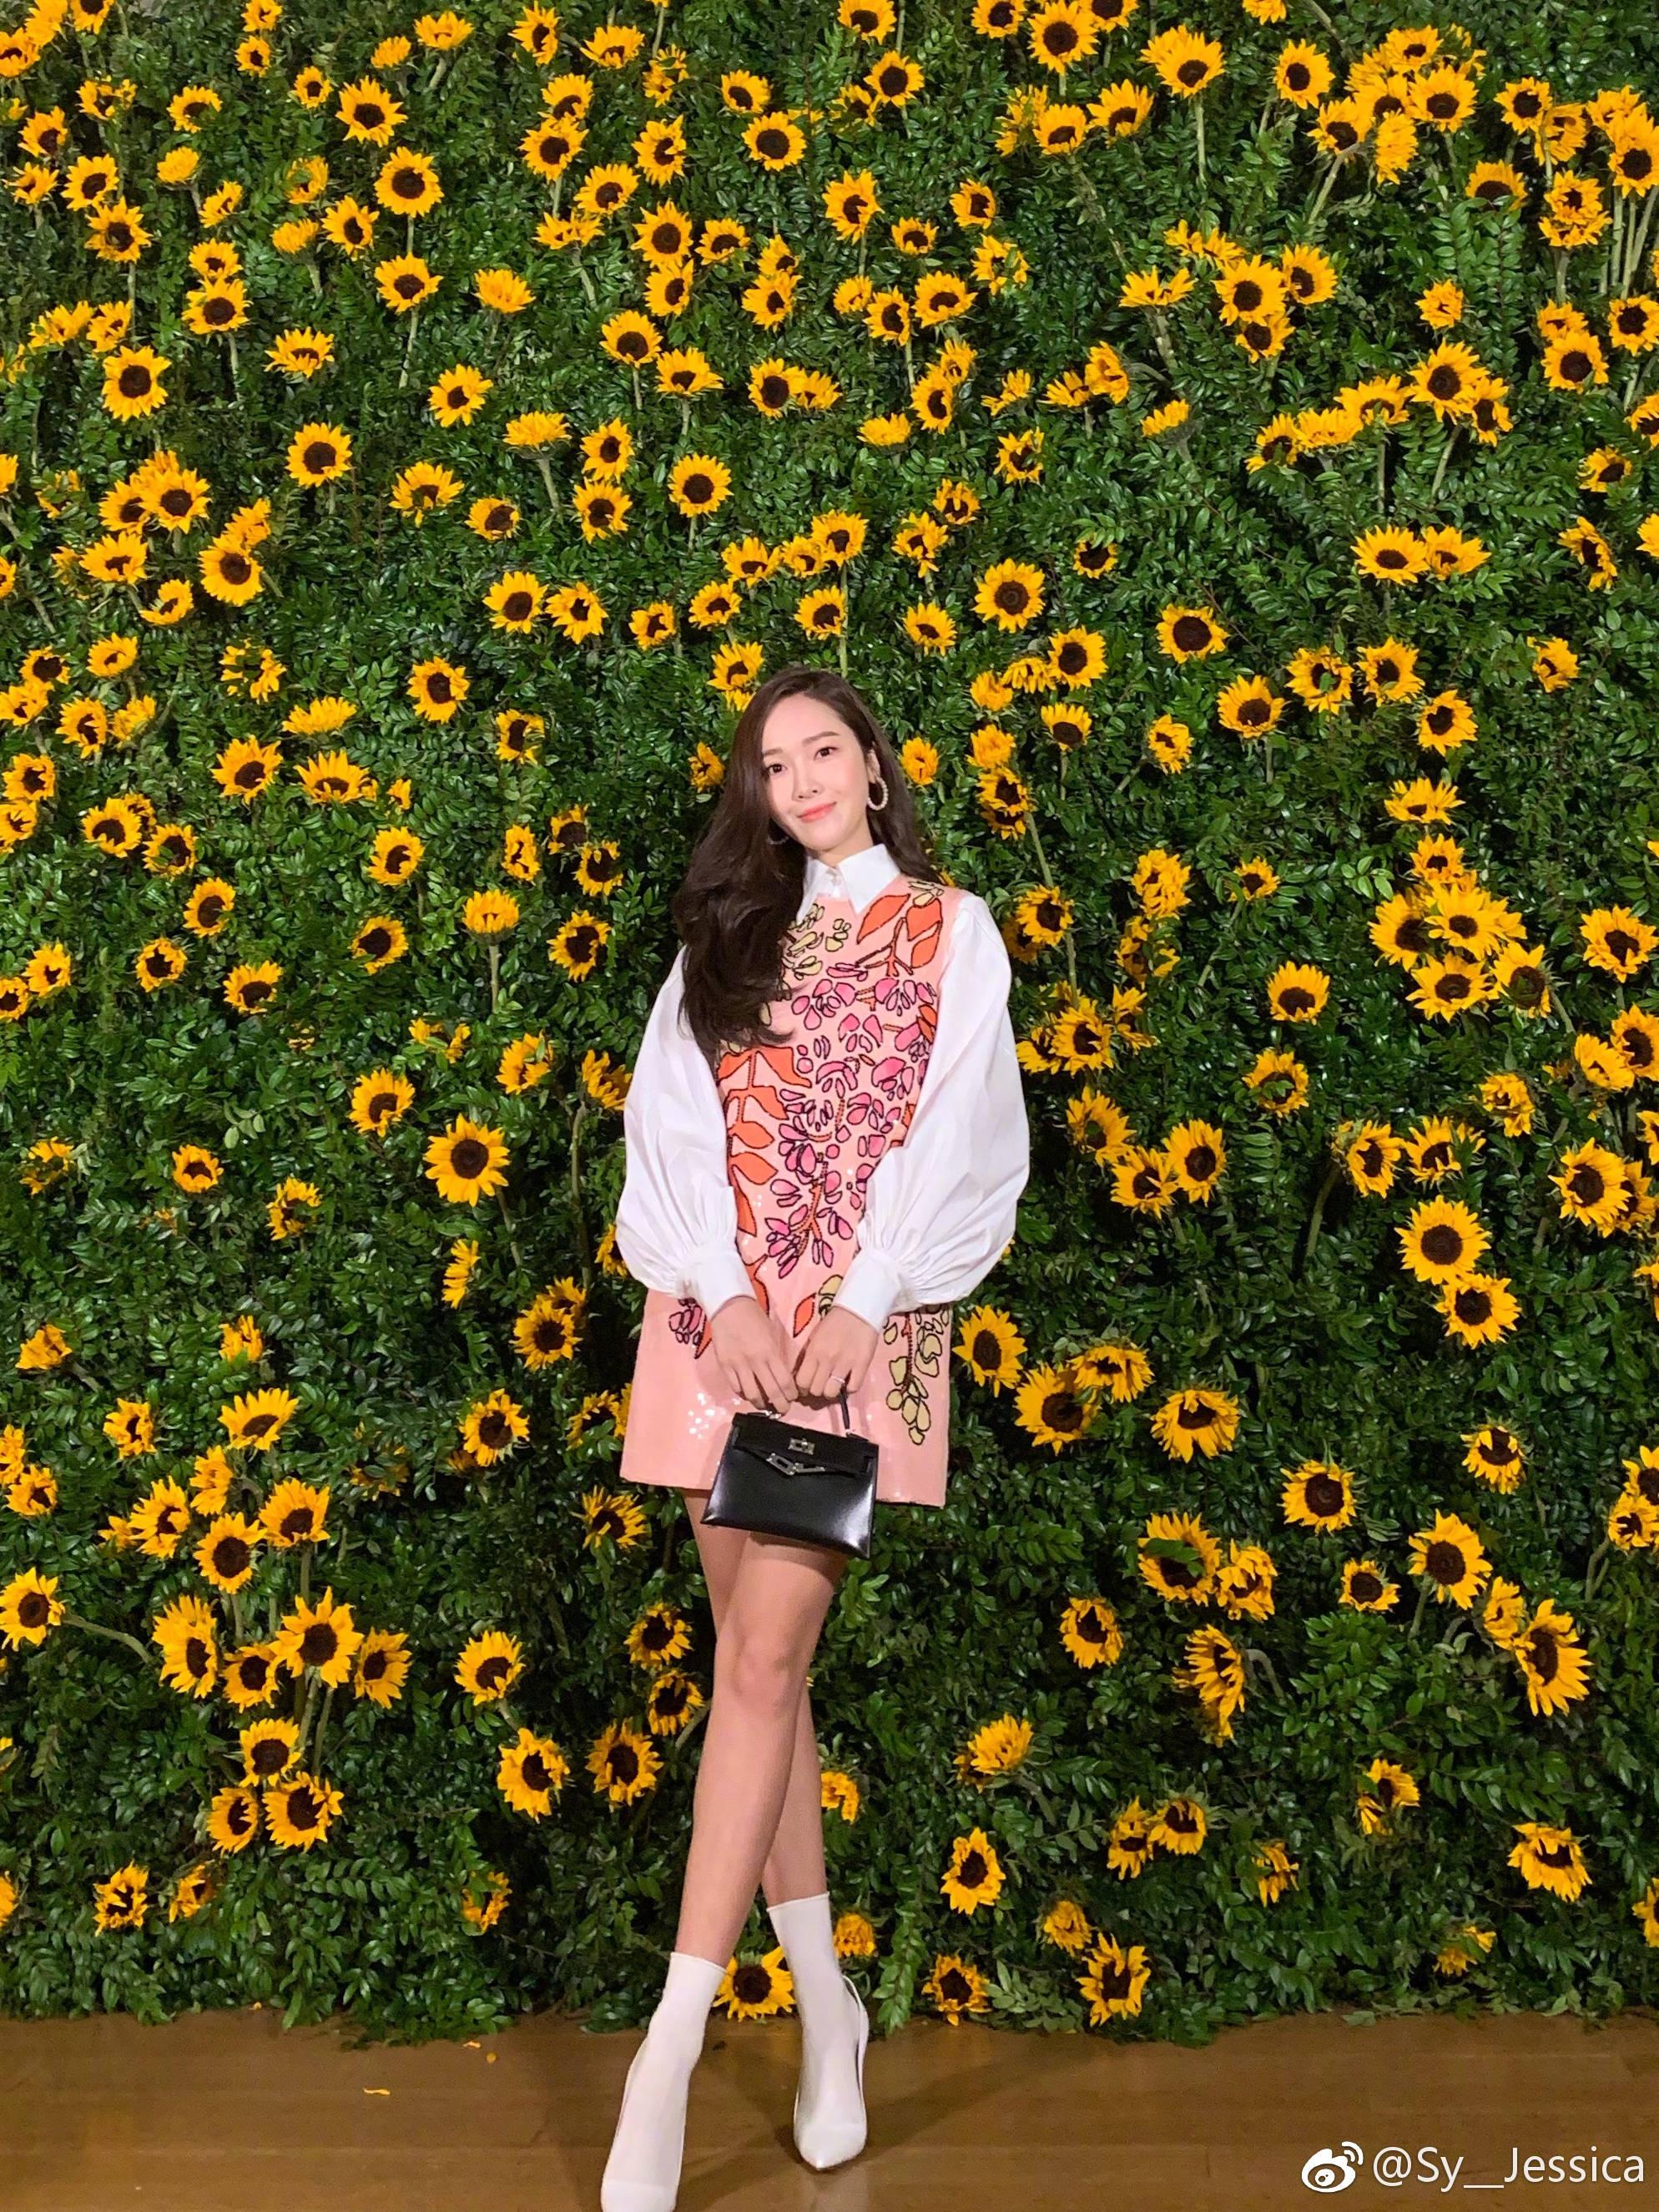 Người đẹp kết hợp túi Kelly mini với váy sơ mi họa tiêt hoa lá nằm trong bộ sưu tập Tiền Thu của nhà mốt Carolina Herrera. Cũng giống G-Dragon, phong cách của ca sĩ được nhiều cô gái trẻ học theo.